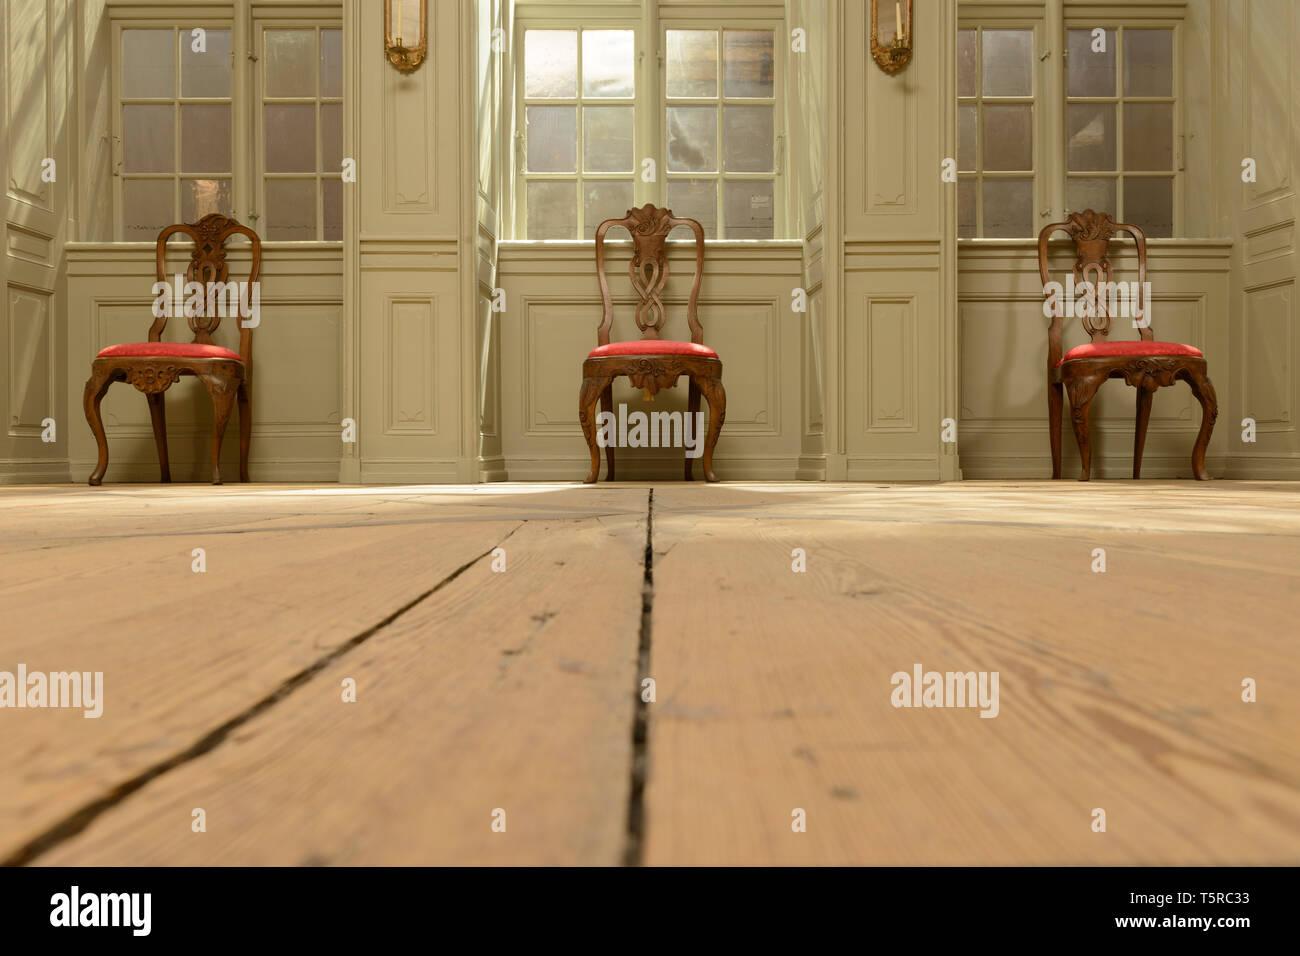 Trois chaires officielles, partie d'une exposition au Musée National de Copenhague, Danemark. Banque D'Images